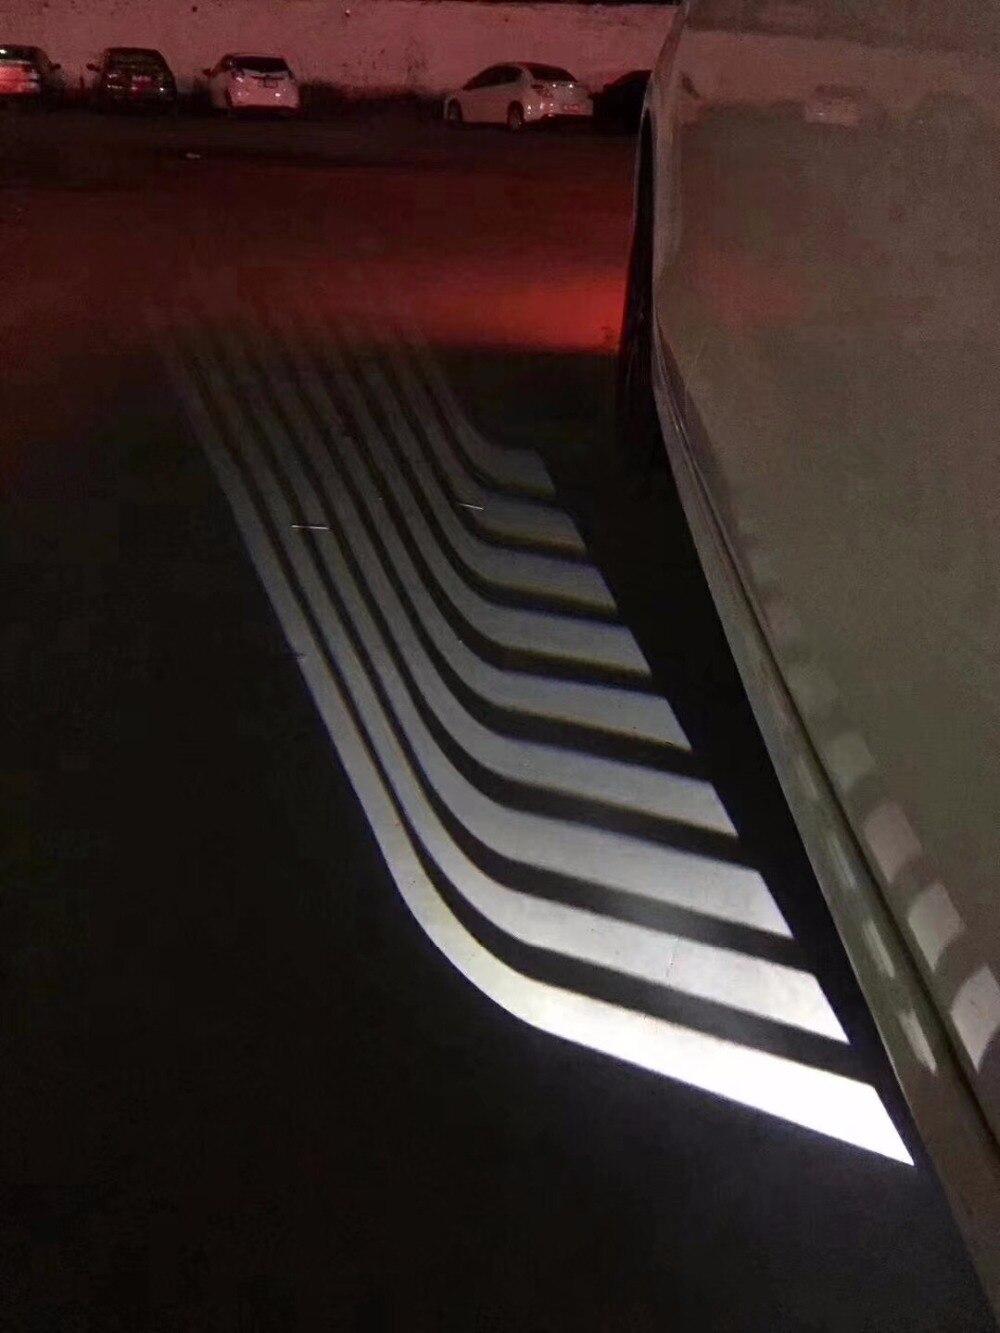 Qirun led salutation lumières du jour décoratives frein antibrouillard phare inverse clignotant pour Volkswagen Beetle Cabrio Bora Caddy - 4